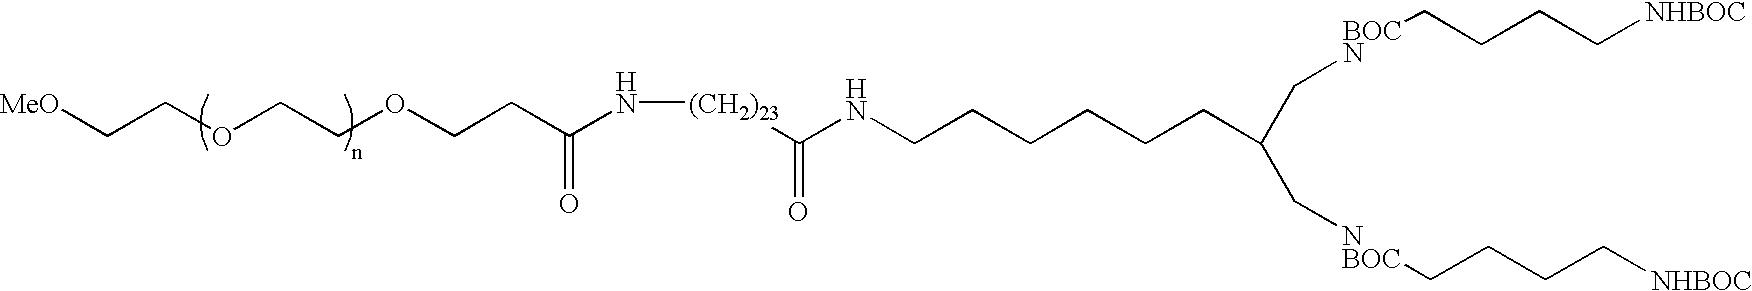 Figure US06583301-20030624-C00117